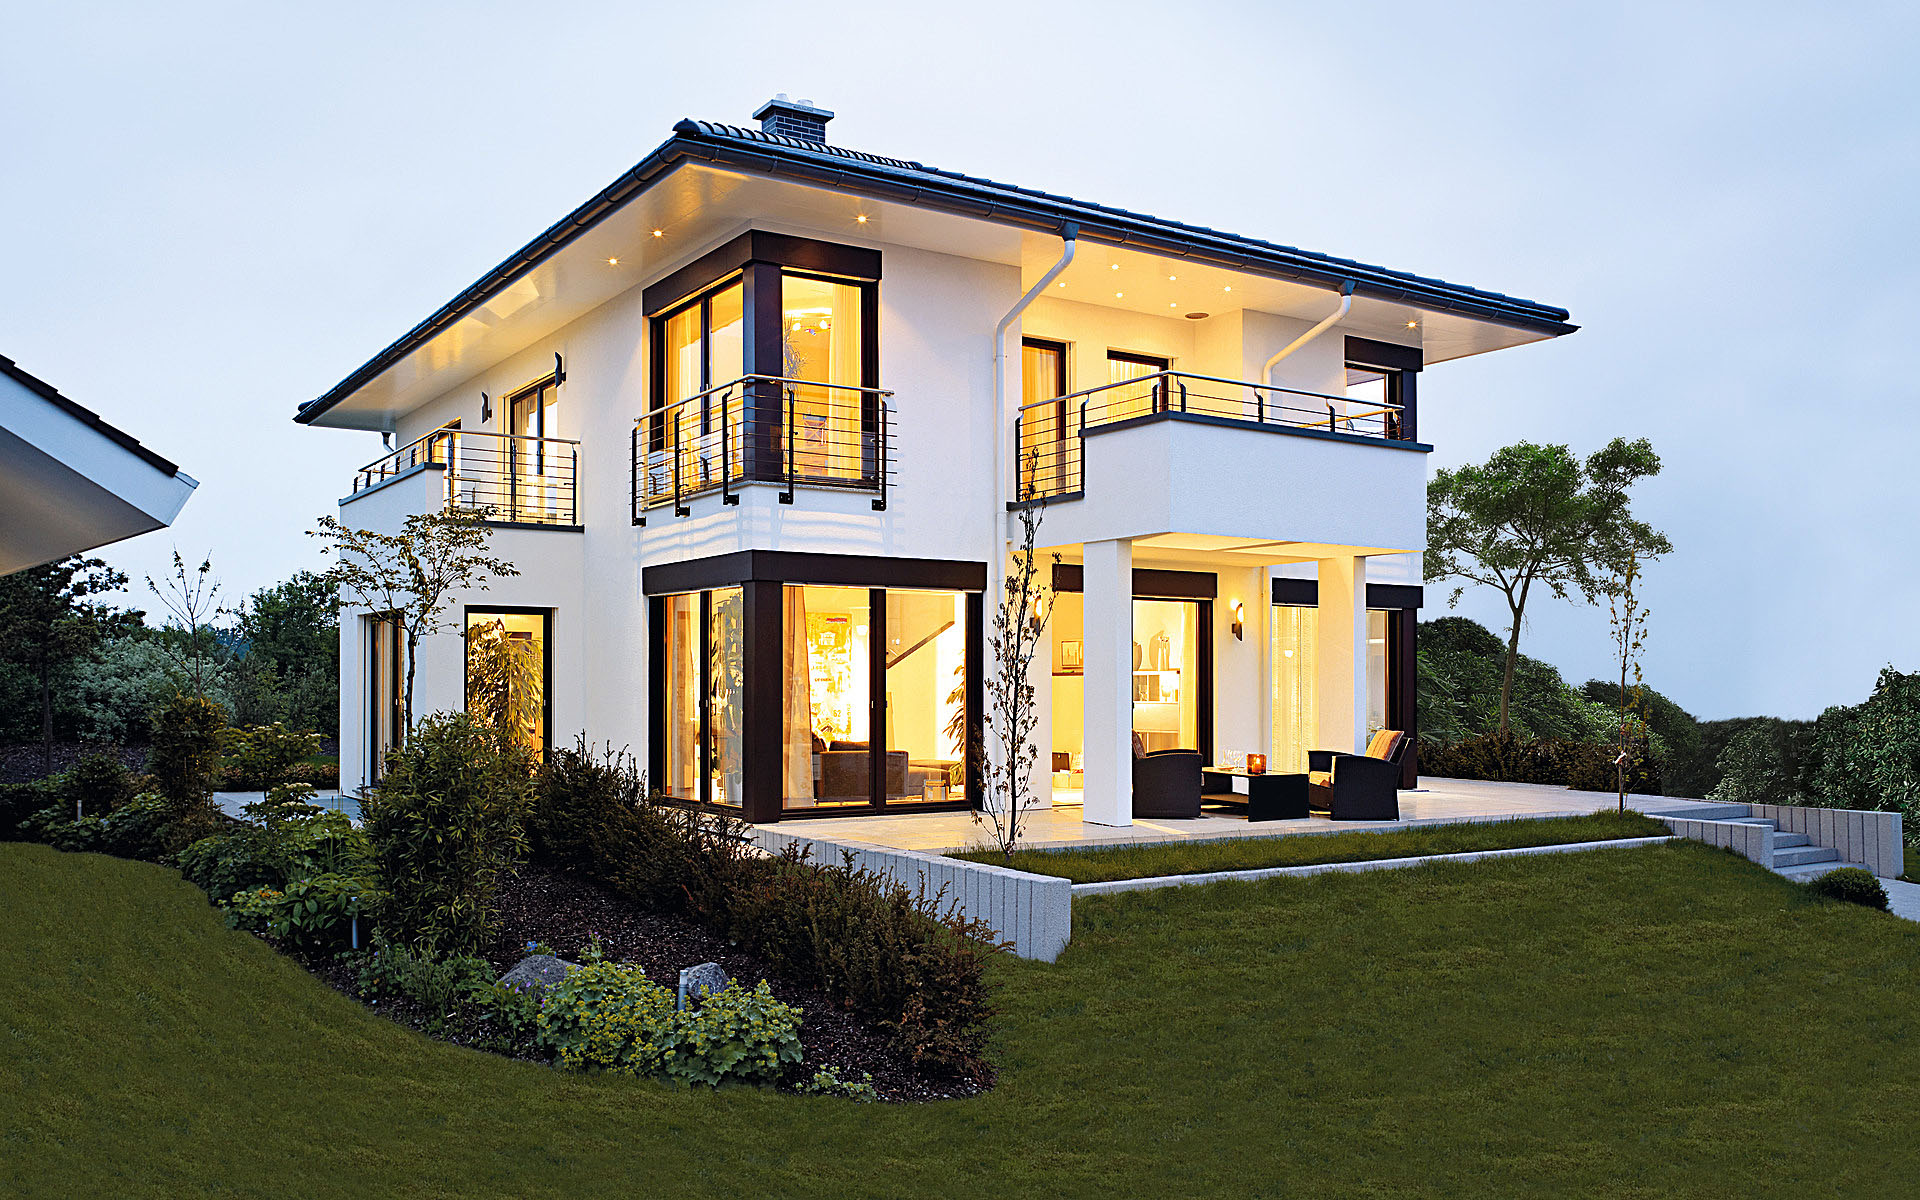 Stadtvilla (AH München) von WeberHaus GmbH & Co. KG